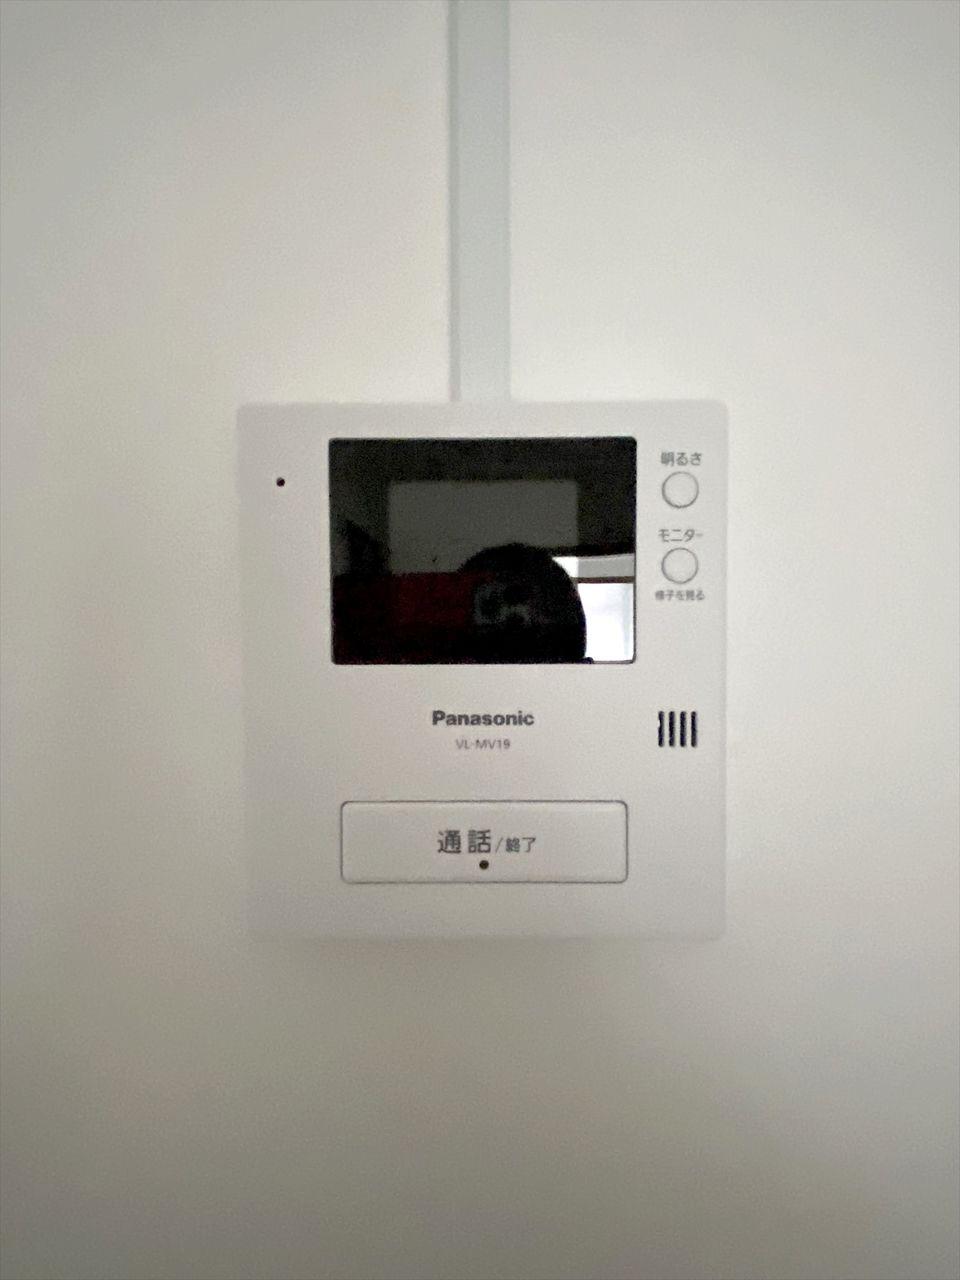 ハセガワハイツにモニター付きインターホンを新規に設置しました